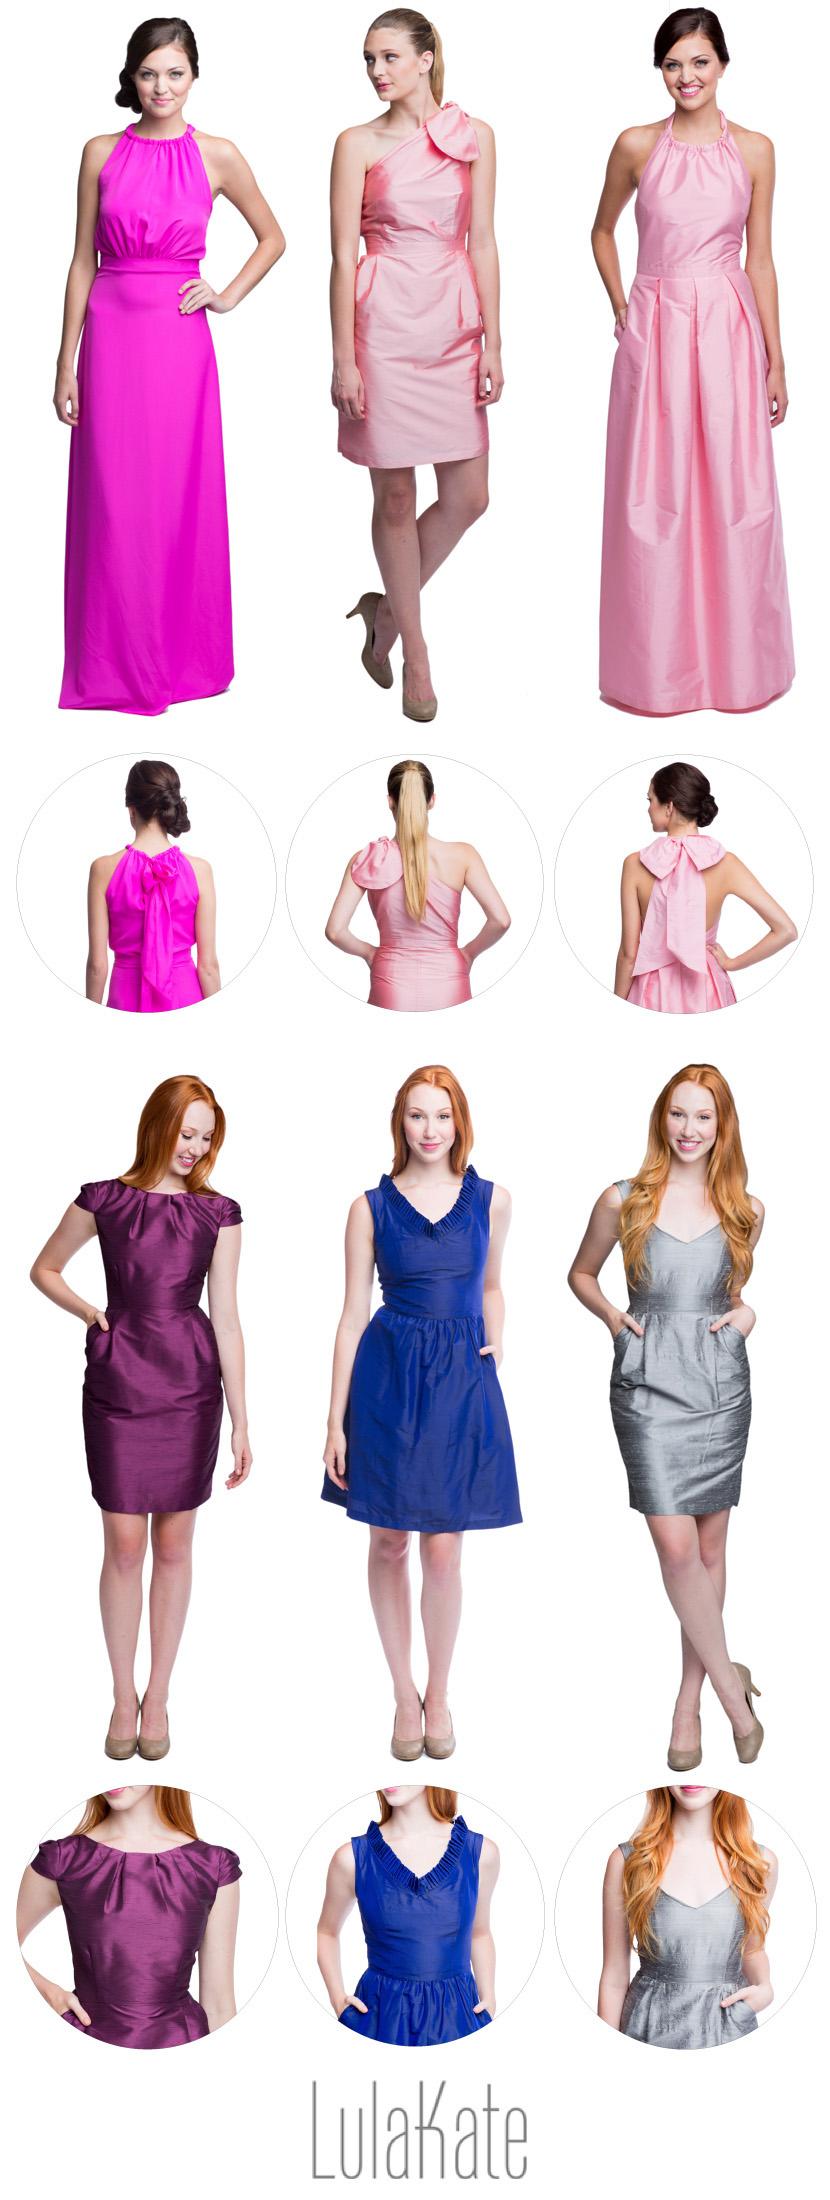 LulaKate Bridesmaid Dresses